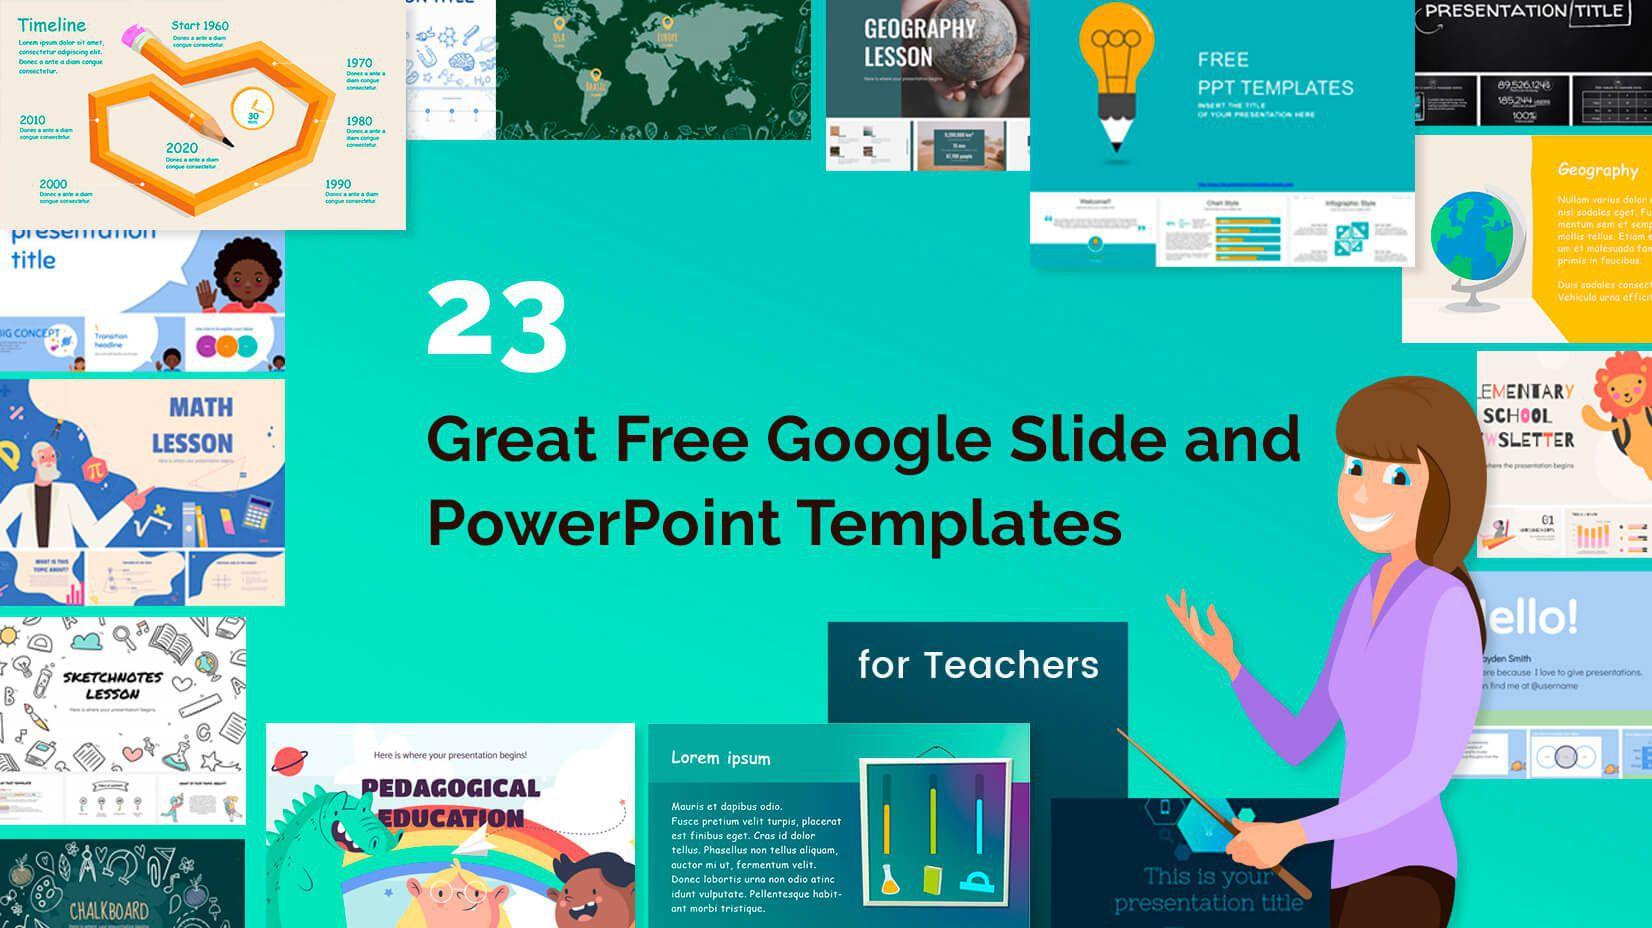 008 Fascinating Google Newsletter Template For Teacher Highest Clarity  Teachers FreeFull